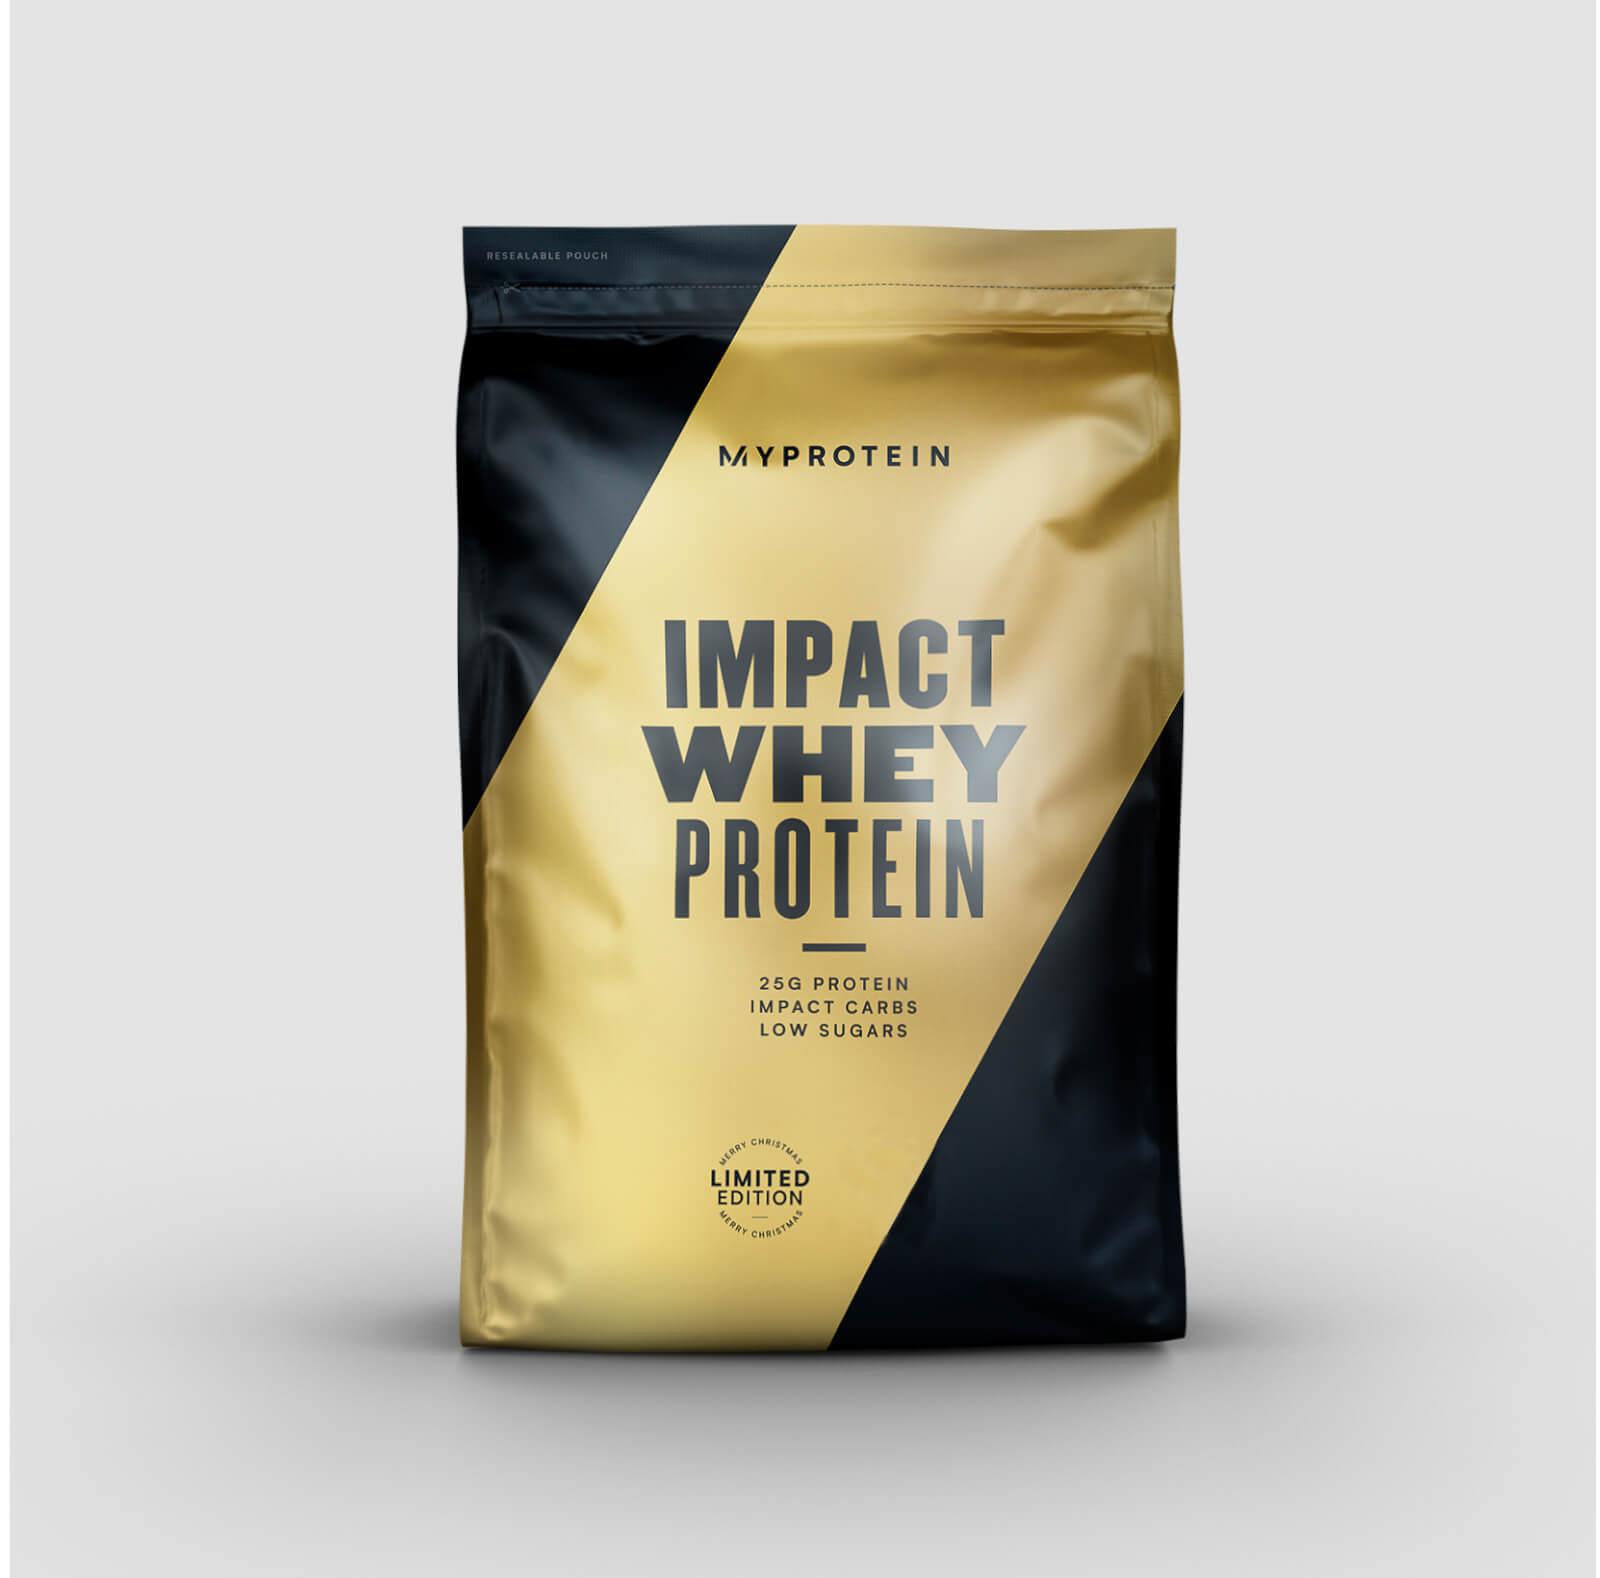 [Myprotein Belgien] Impact Whey Protein Vanille für 7,99€/kg oder Leucin für 5,40€/500g | VSK-frei ab 35€ (auch nach DE)